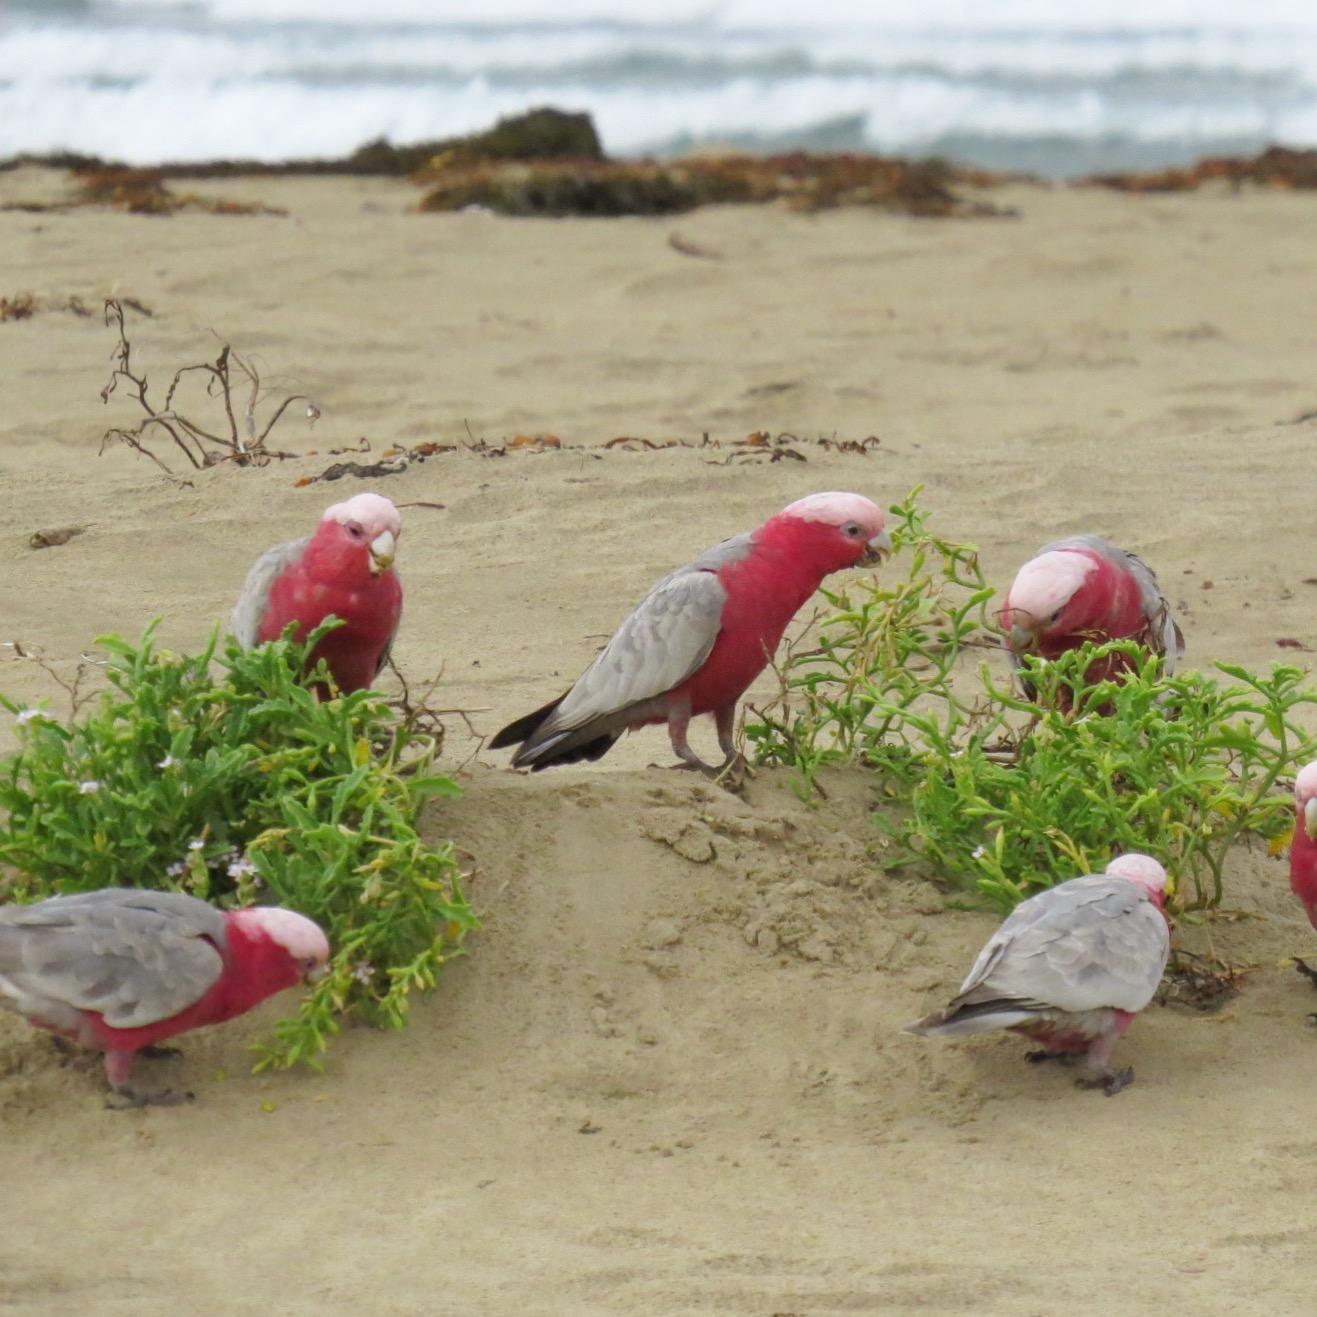 Galahs on the Beach in Gerringong